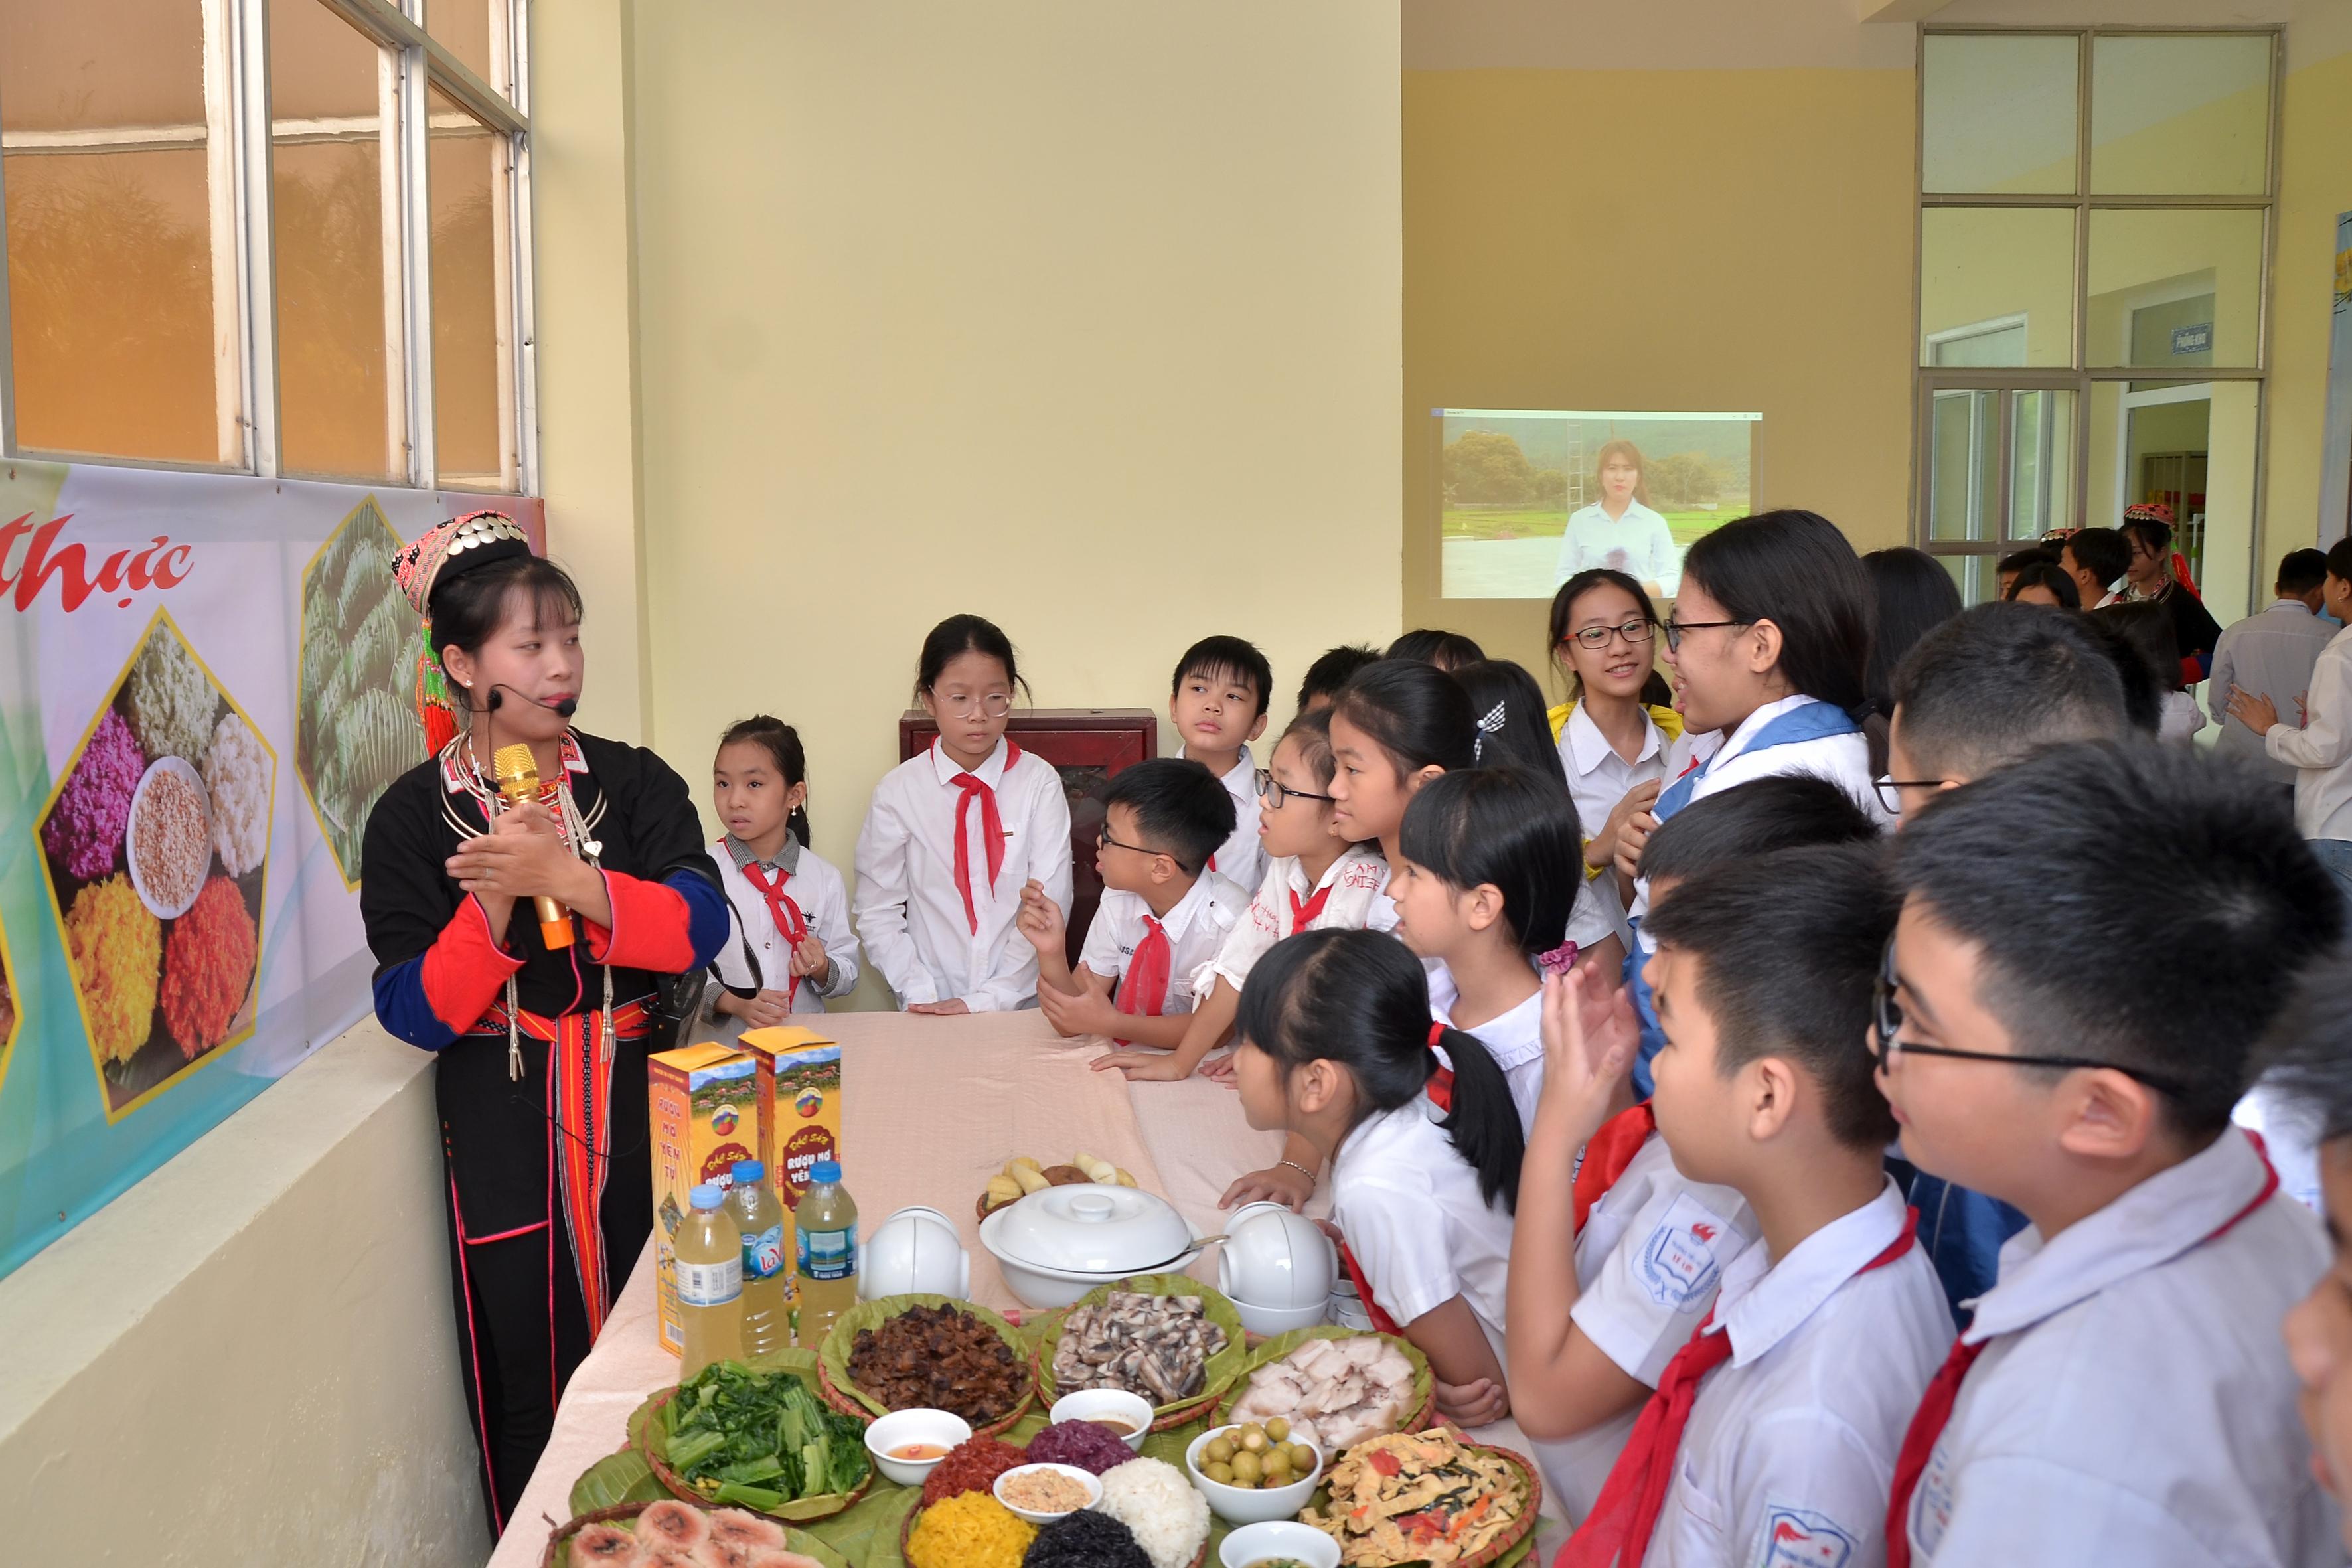 Giới thiệu ẩm thực người Dao đến các bạn học sinh và du khách